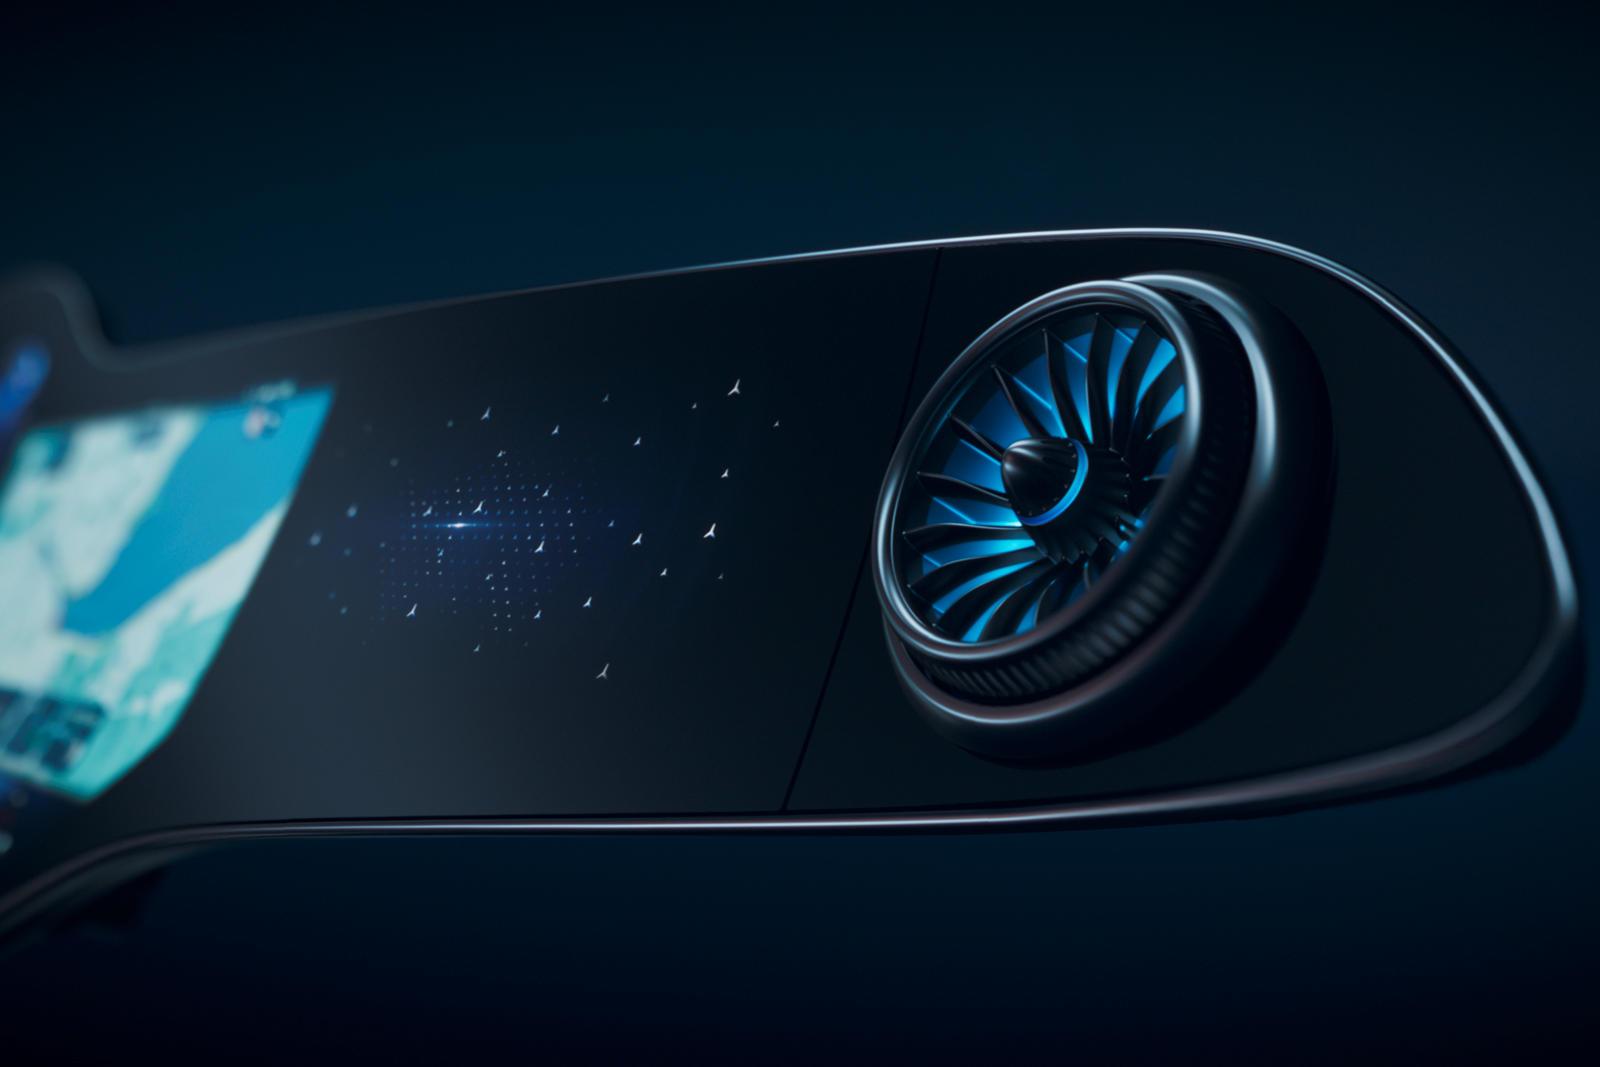 Mercedes-Benz vén màn hệ thống giải trí MBUX thế hệ mới, kích thước và công nghệ tích hợp là điểm nhấn -4